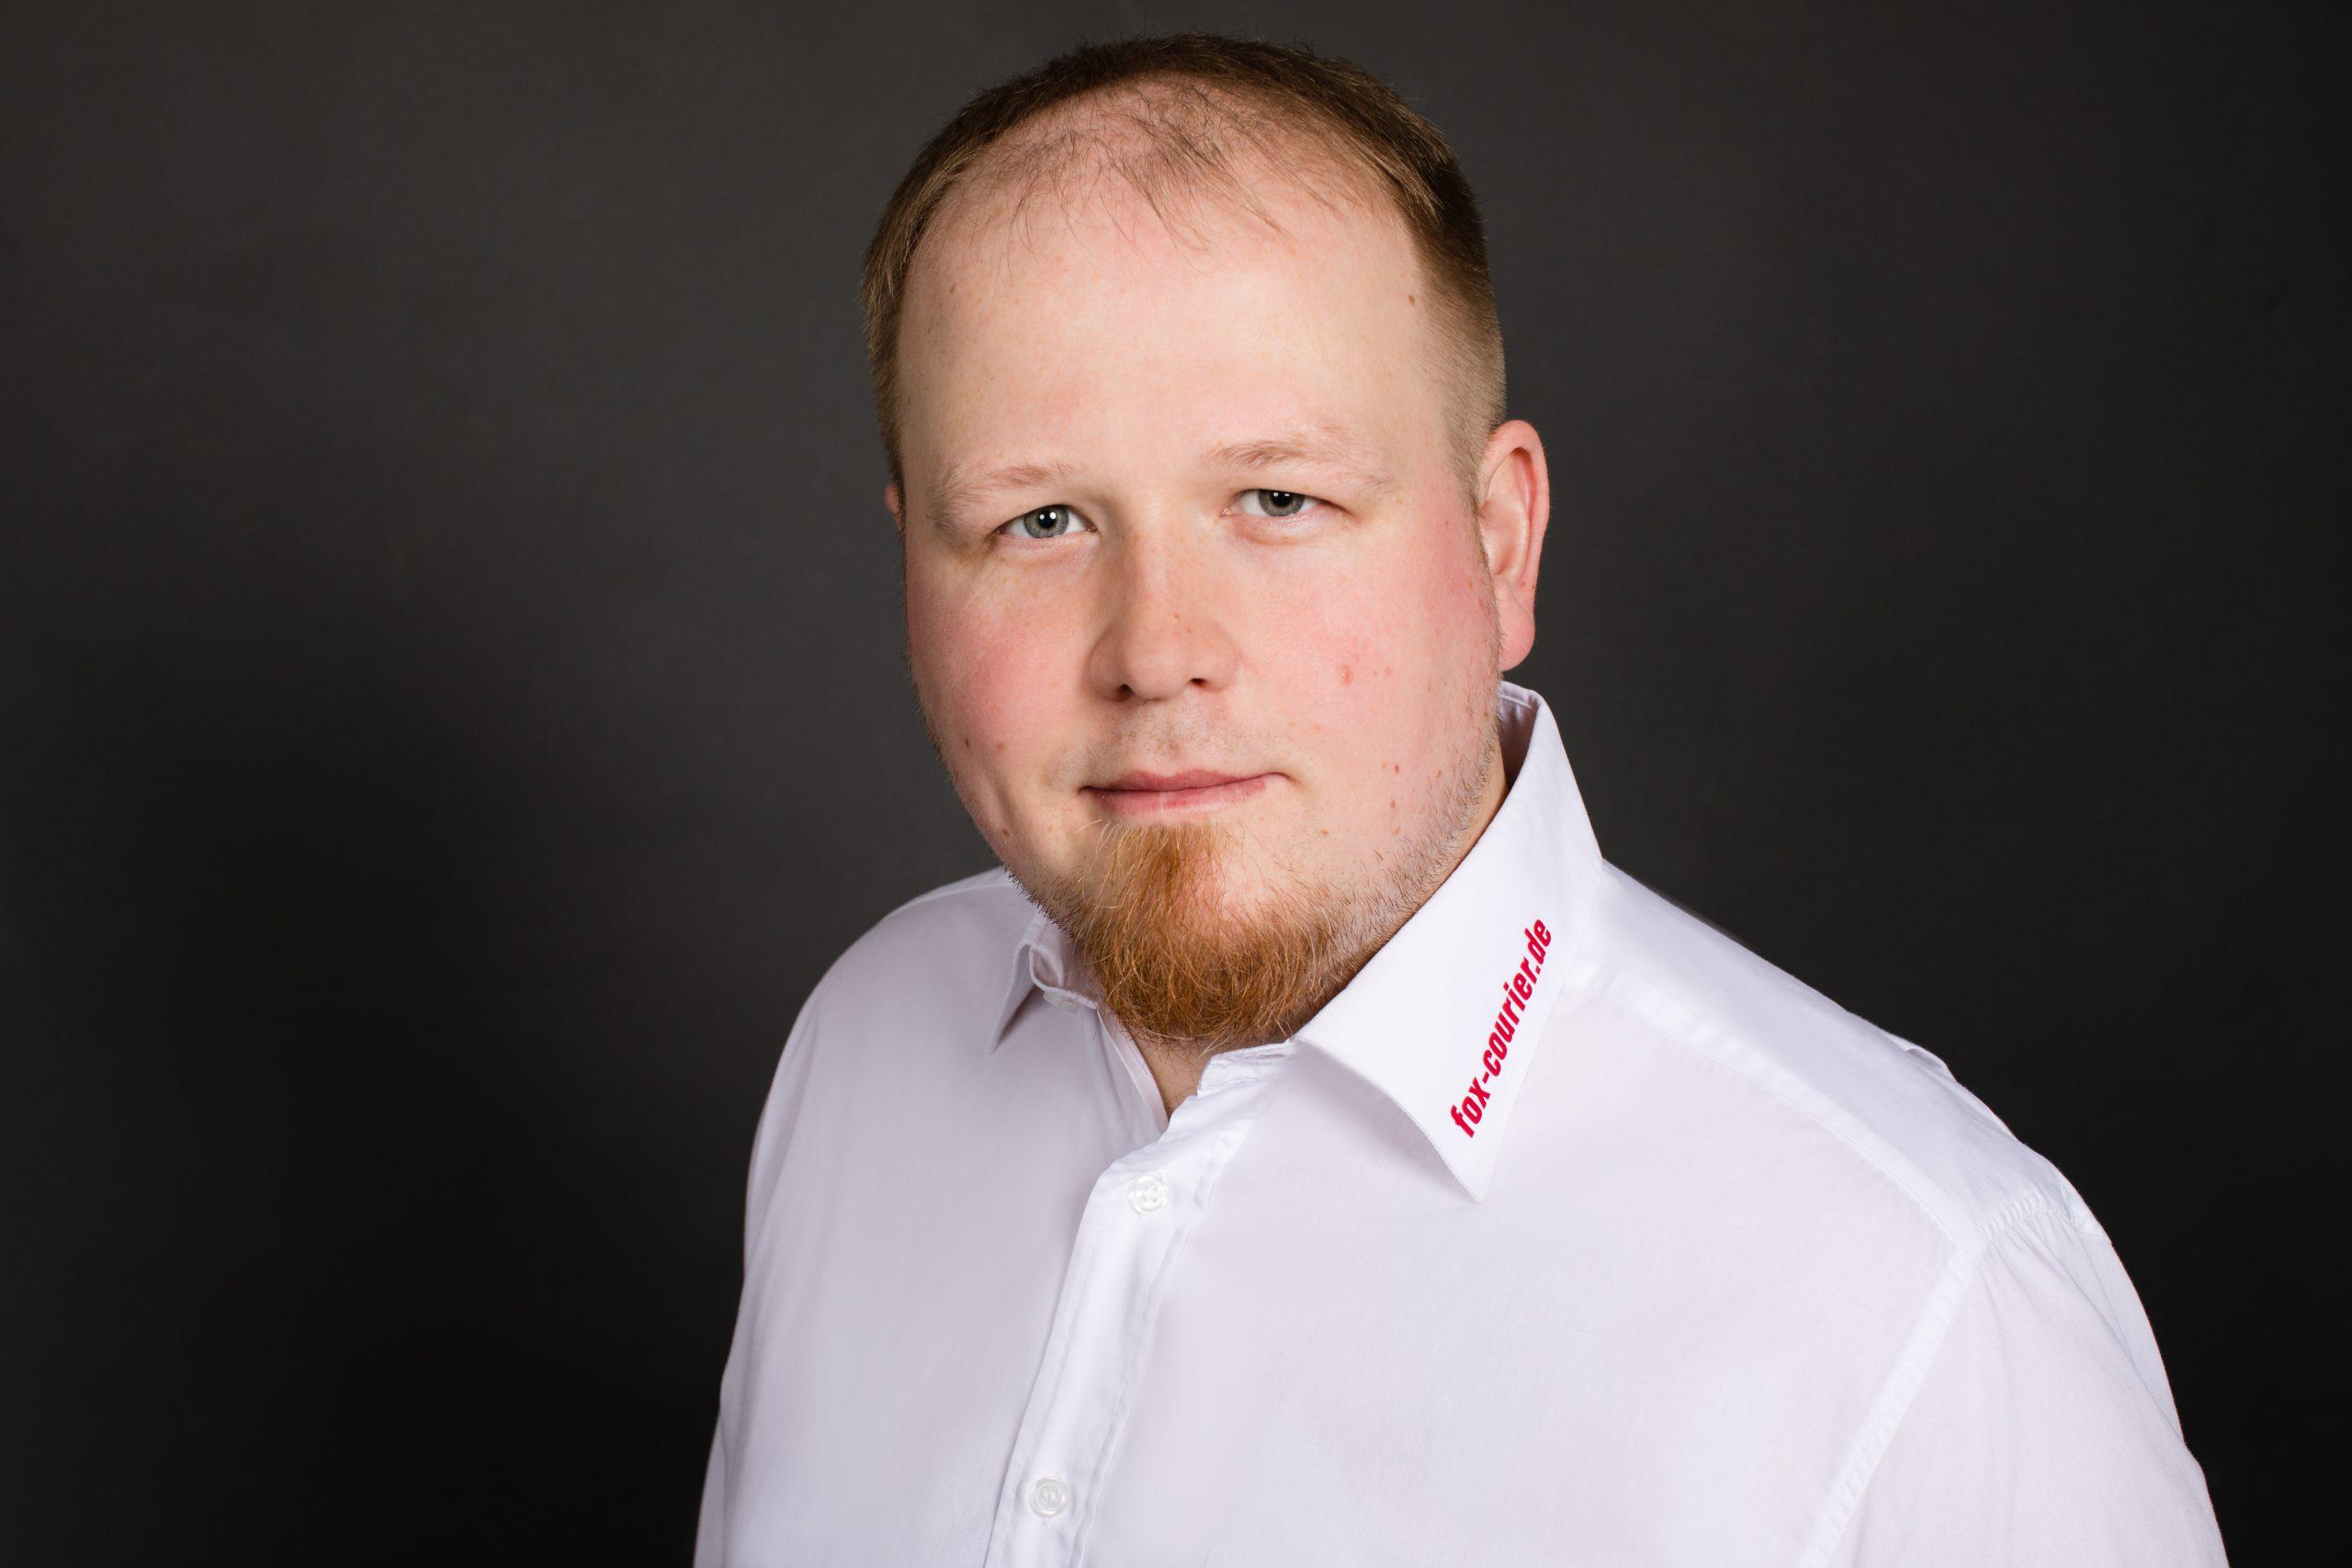 Marius Lindner